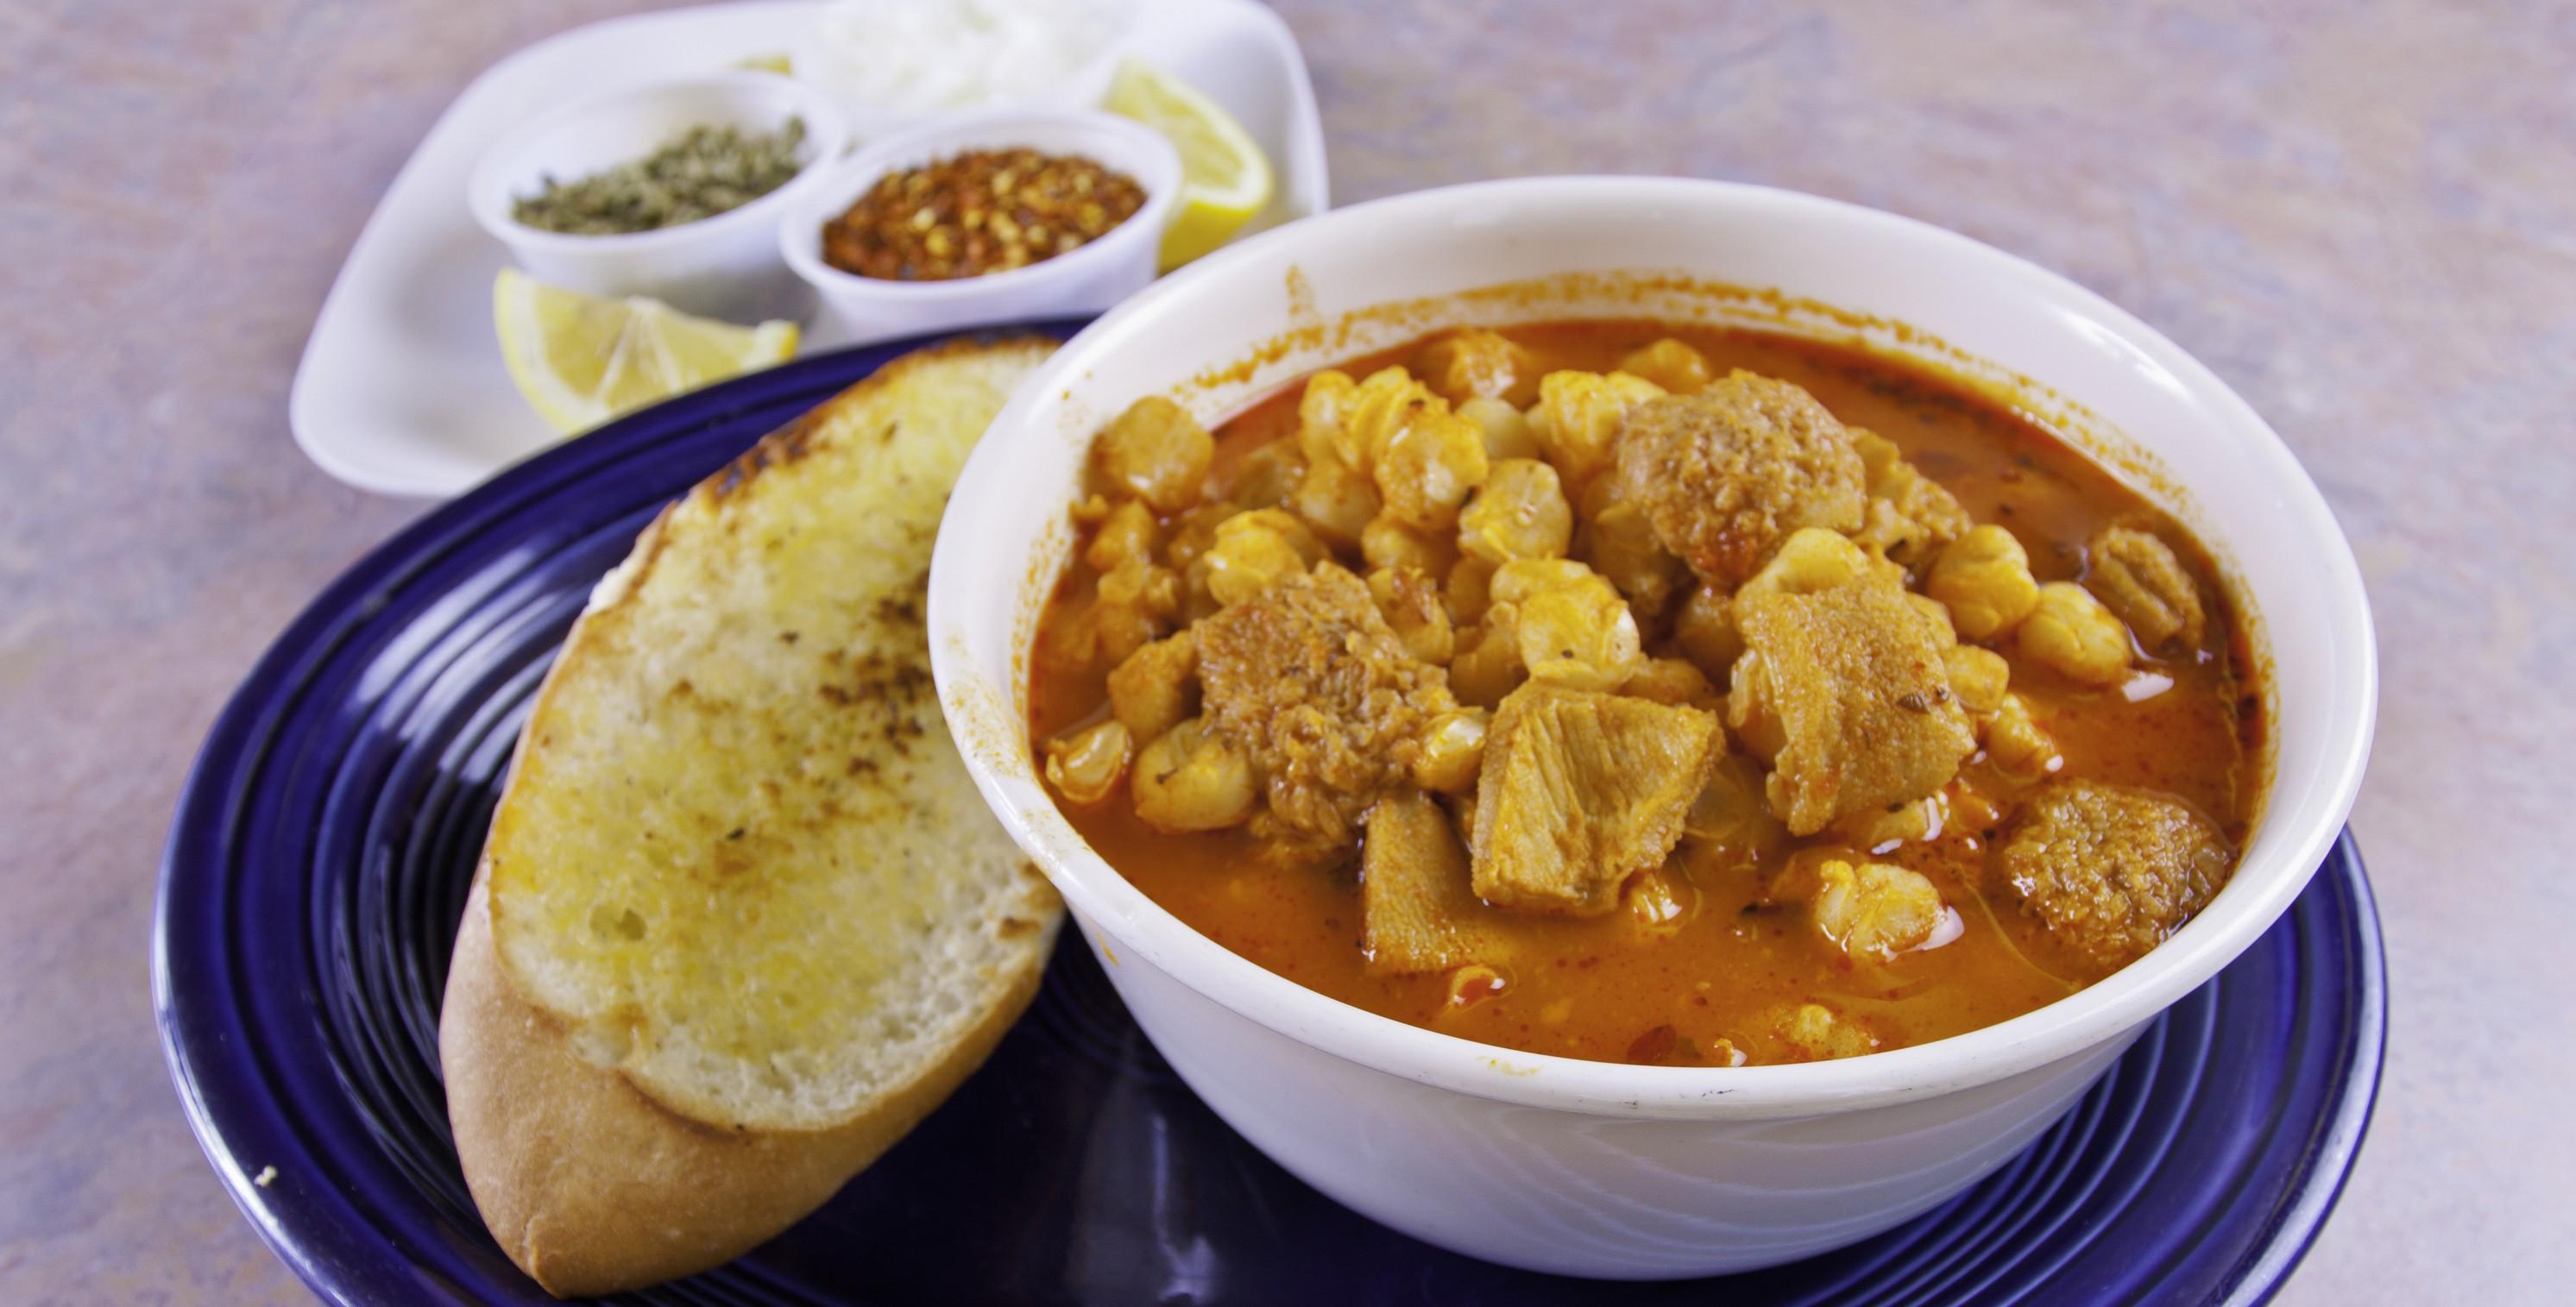 La Massana donne le coup d'envoi de l'année gastronomique avec les journées de cuisine d'hiver «Lo Mandongo». Ce mot désigne l'ensemble des viandes de porc et additifs avec lesquels est préparée la charcuterie lors de la journée du tue-cochon, qui a lieu à cette époque de l'année. Les restaurants de la commune participant à cette initiativeproposent des menus avec des plats à base de porc. «Lo Mandongo» de cette année vous réserve par ailleurs des plats élaborés à partir d'autres produits locaux, allant des recettes traditionnelles aux recettes les plus modernes et créatives, agrémentées de notes d'autres cultures. Comme l'an passé, plusieurs établissements profitent de l'occasion pour ajouter lescalçots (variété d'oignons tendres et doux) à leur offre, un produit typique de l'hiver. Retrouvez la liste des restaurants participant à «Lo Mandongo» 2018 en cliquant sur ce lien. Bon appétit! Lieu et dates: commune de La Massana, du 20 janvier au 25février. Plus d'informations: office du tourisme de La Massana. Tél.: (+376) 853 693.